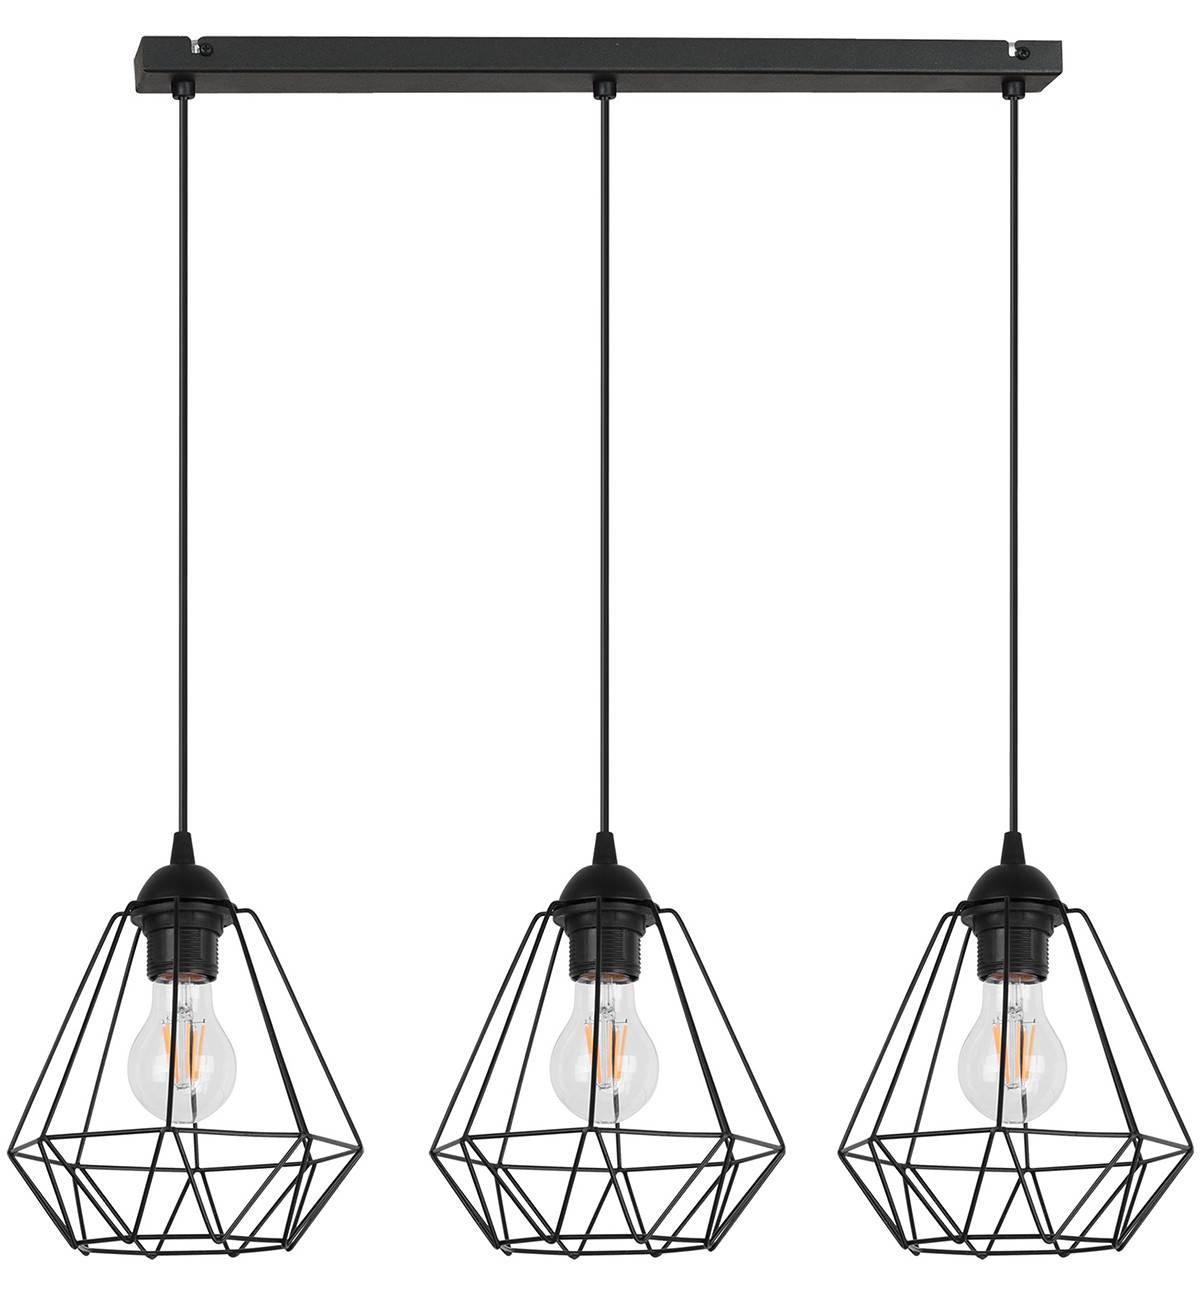 Lampa Wisząca Żyrandol Loft Metalowe Klosze Sklep internetowy Light Home